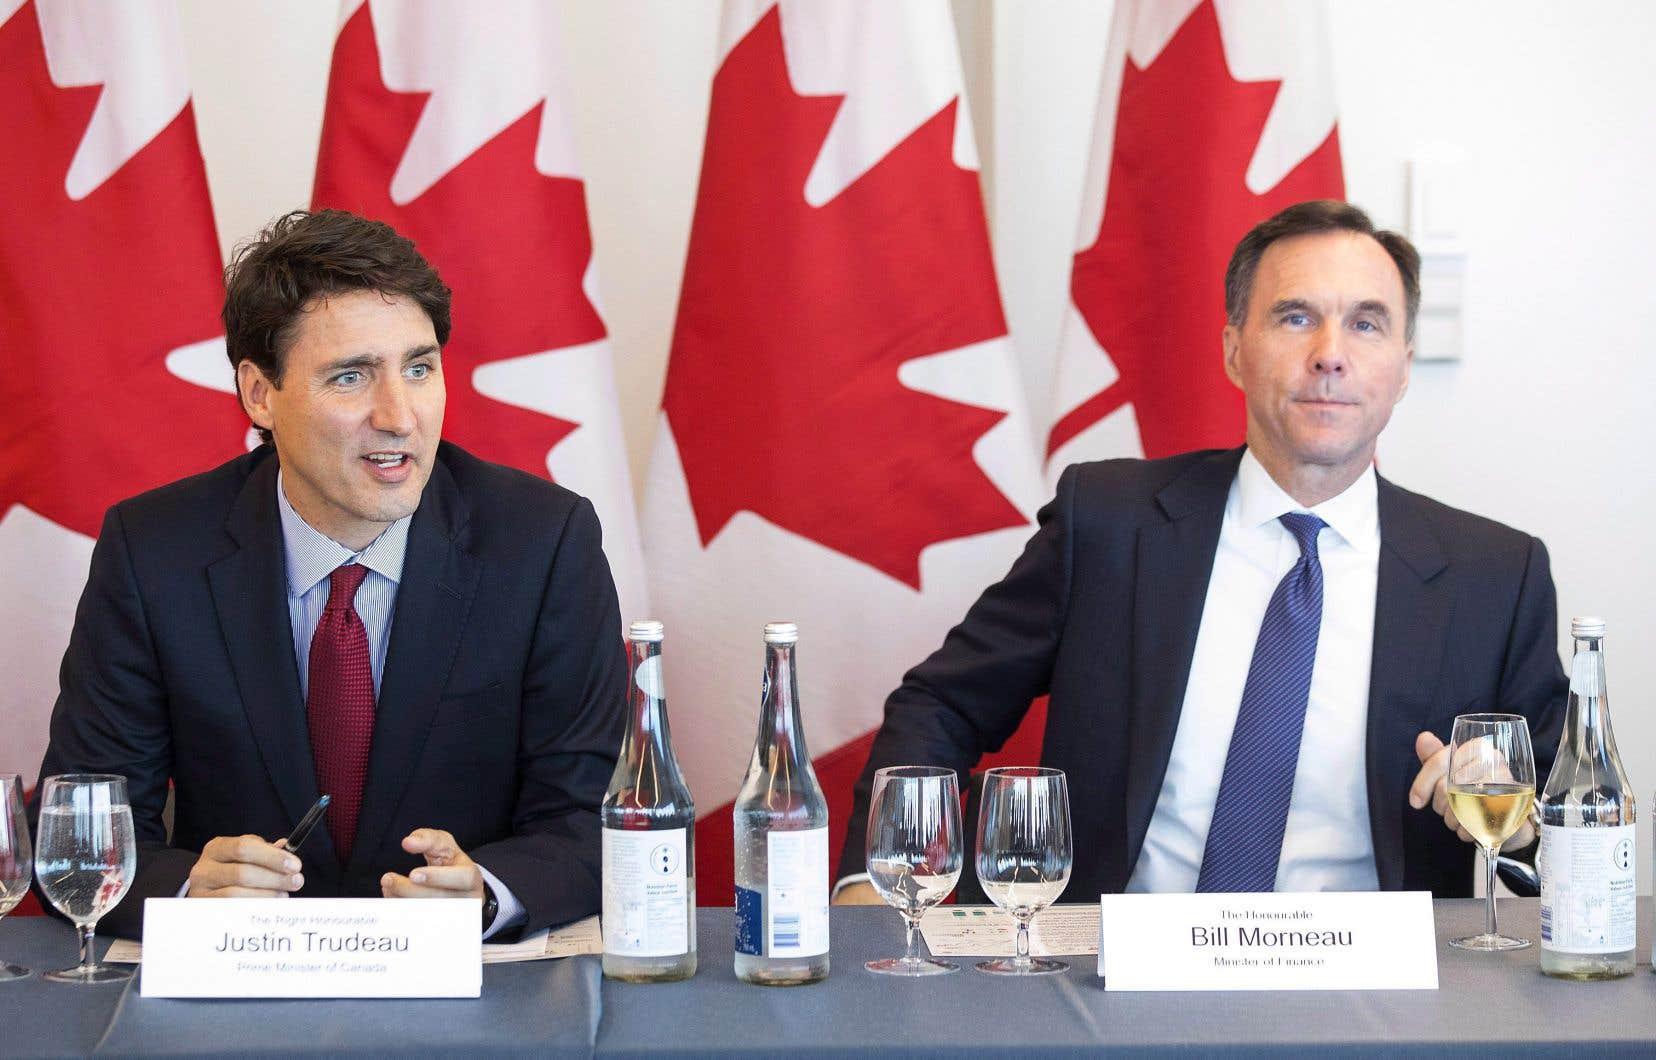 Le premier ministre Justin Trudeau et son ministre des Finances, Bill Morneau, en conférence de presse à Toronto mardi dernier